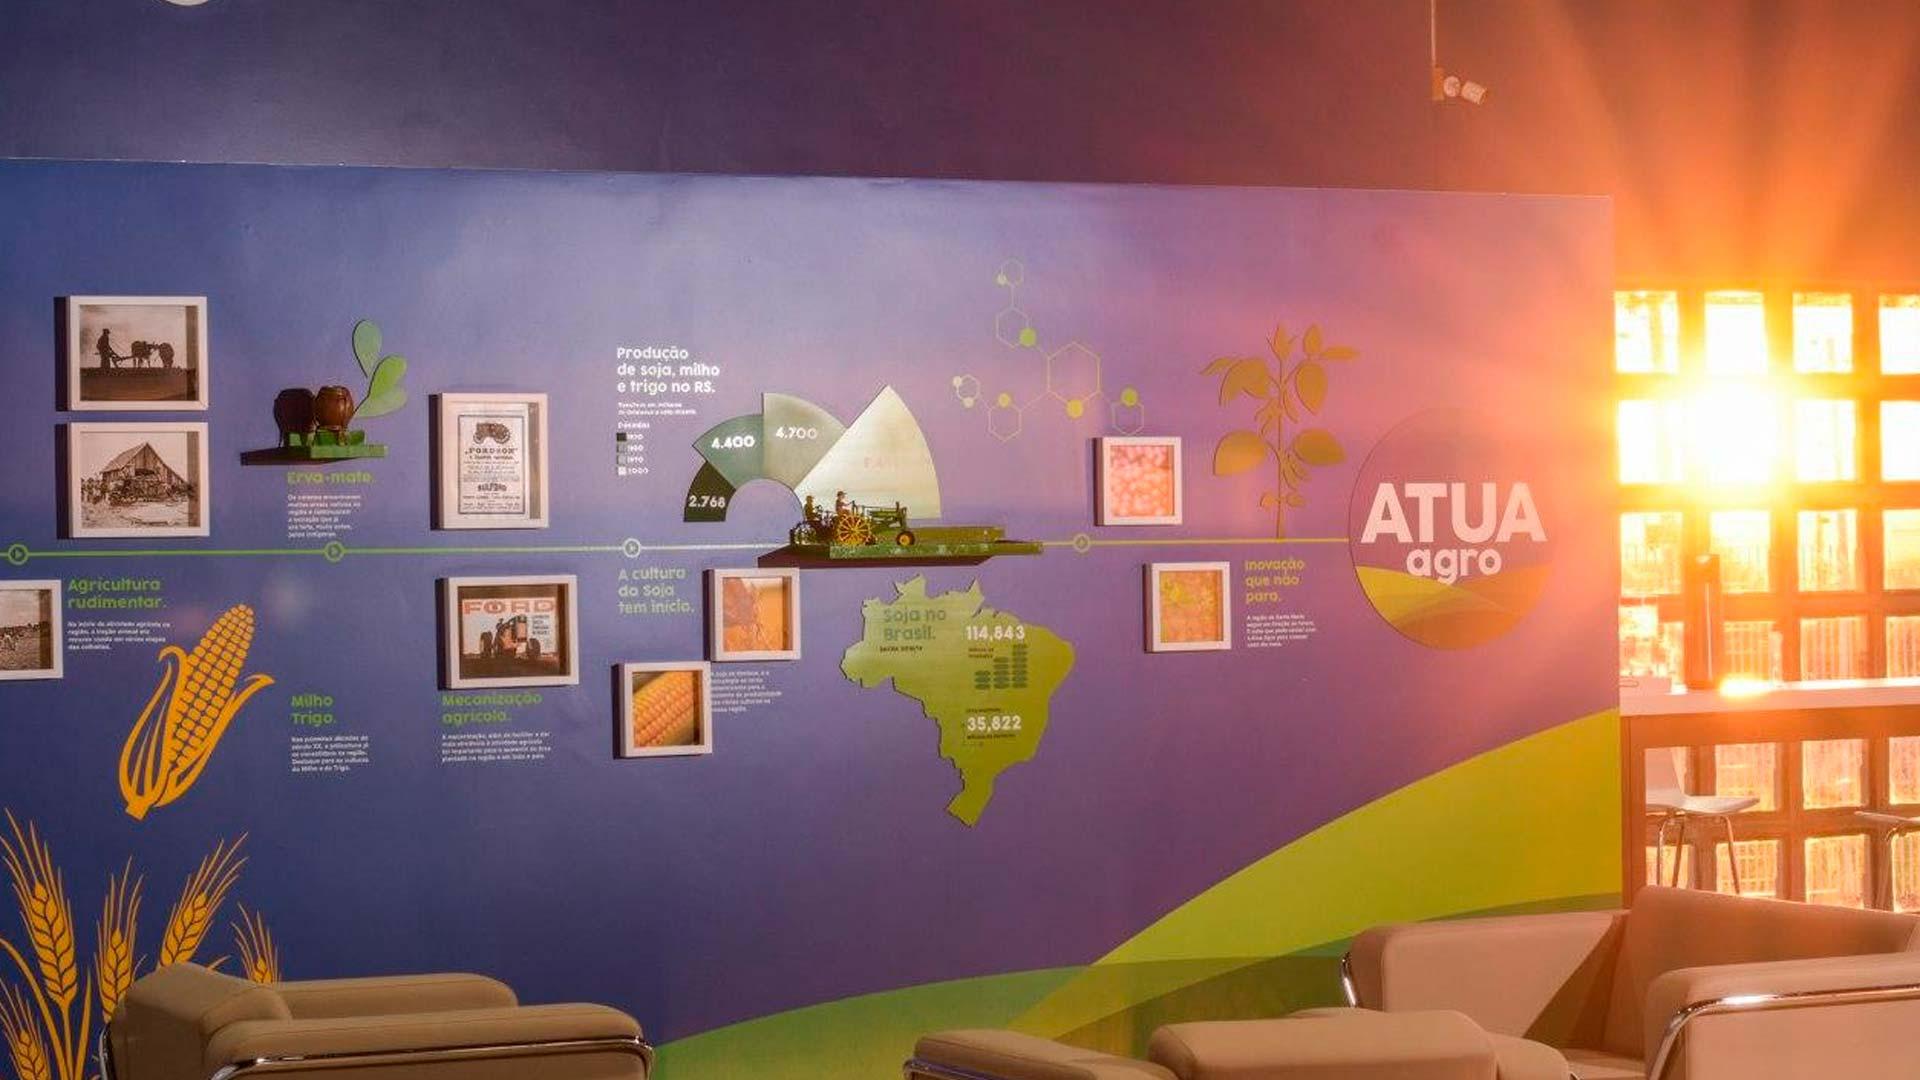 Atua Agro: nova experiência em atendimento e assistência